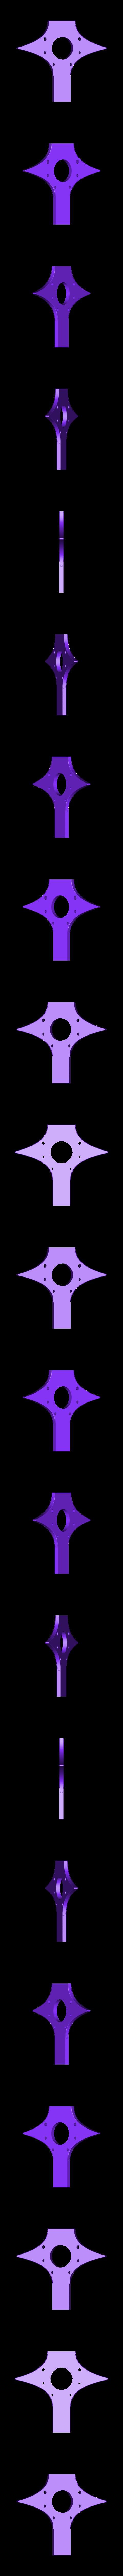 king's spear 2.stl Télécharger fichier STL gratuit King's Chastiefol • Design pour imprimante 3D, ChrisBobo